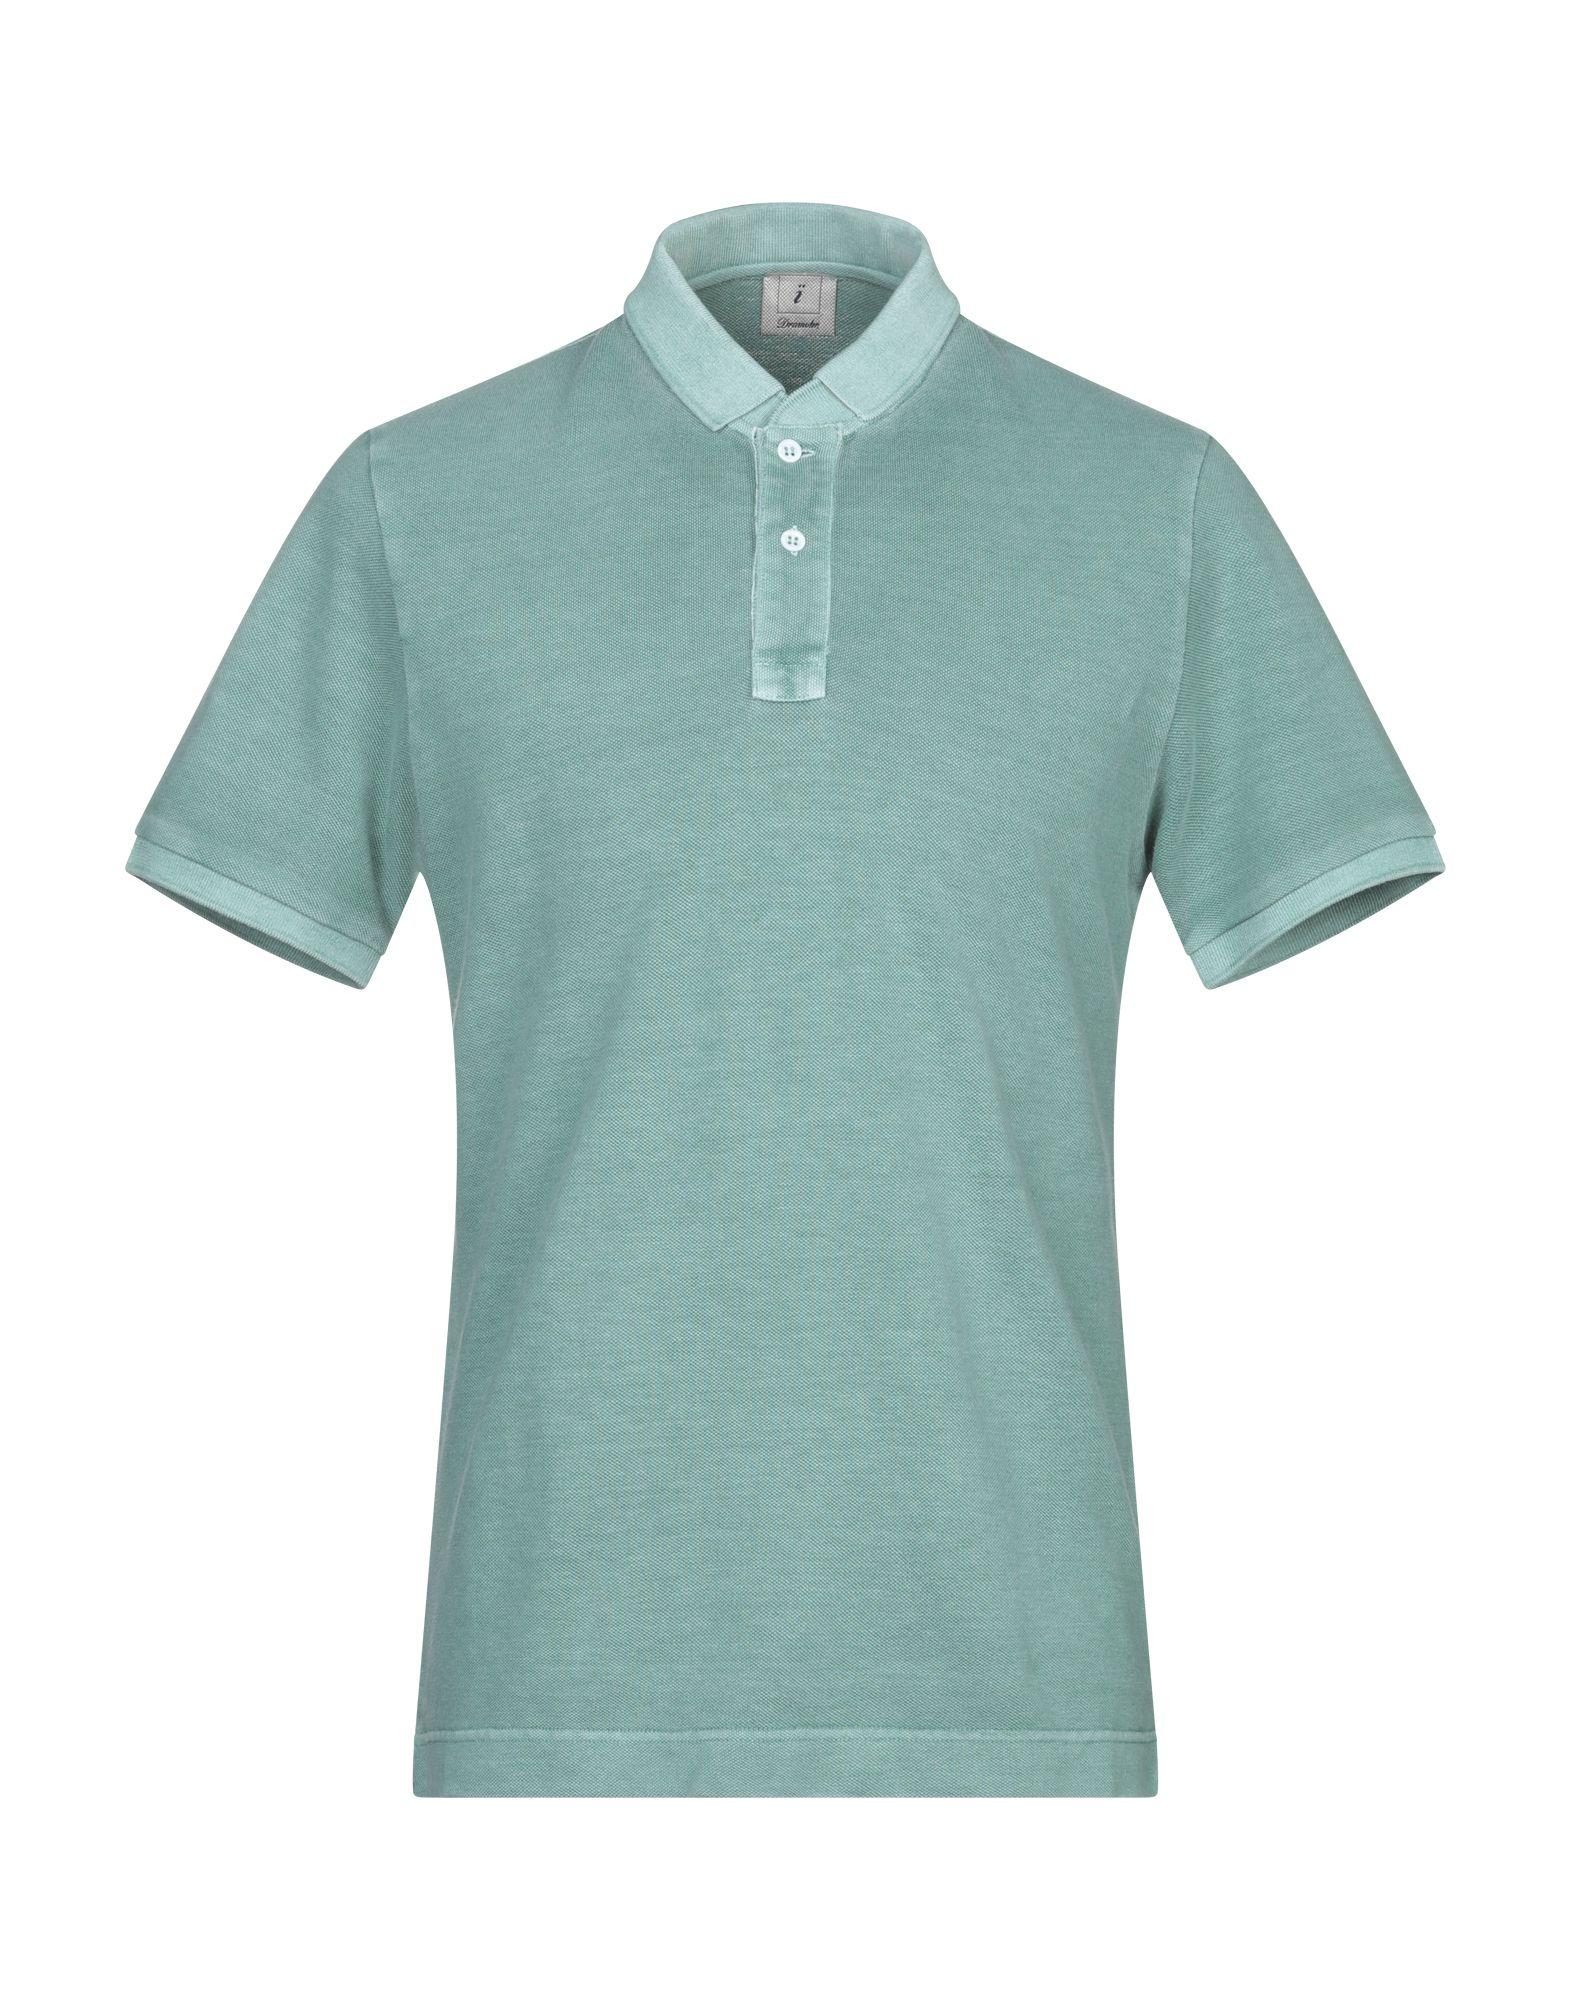 《送料無料》DRUMOHR メンズ ポロシャツ グリーン S コットン 100%